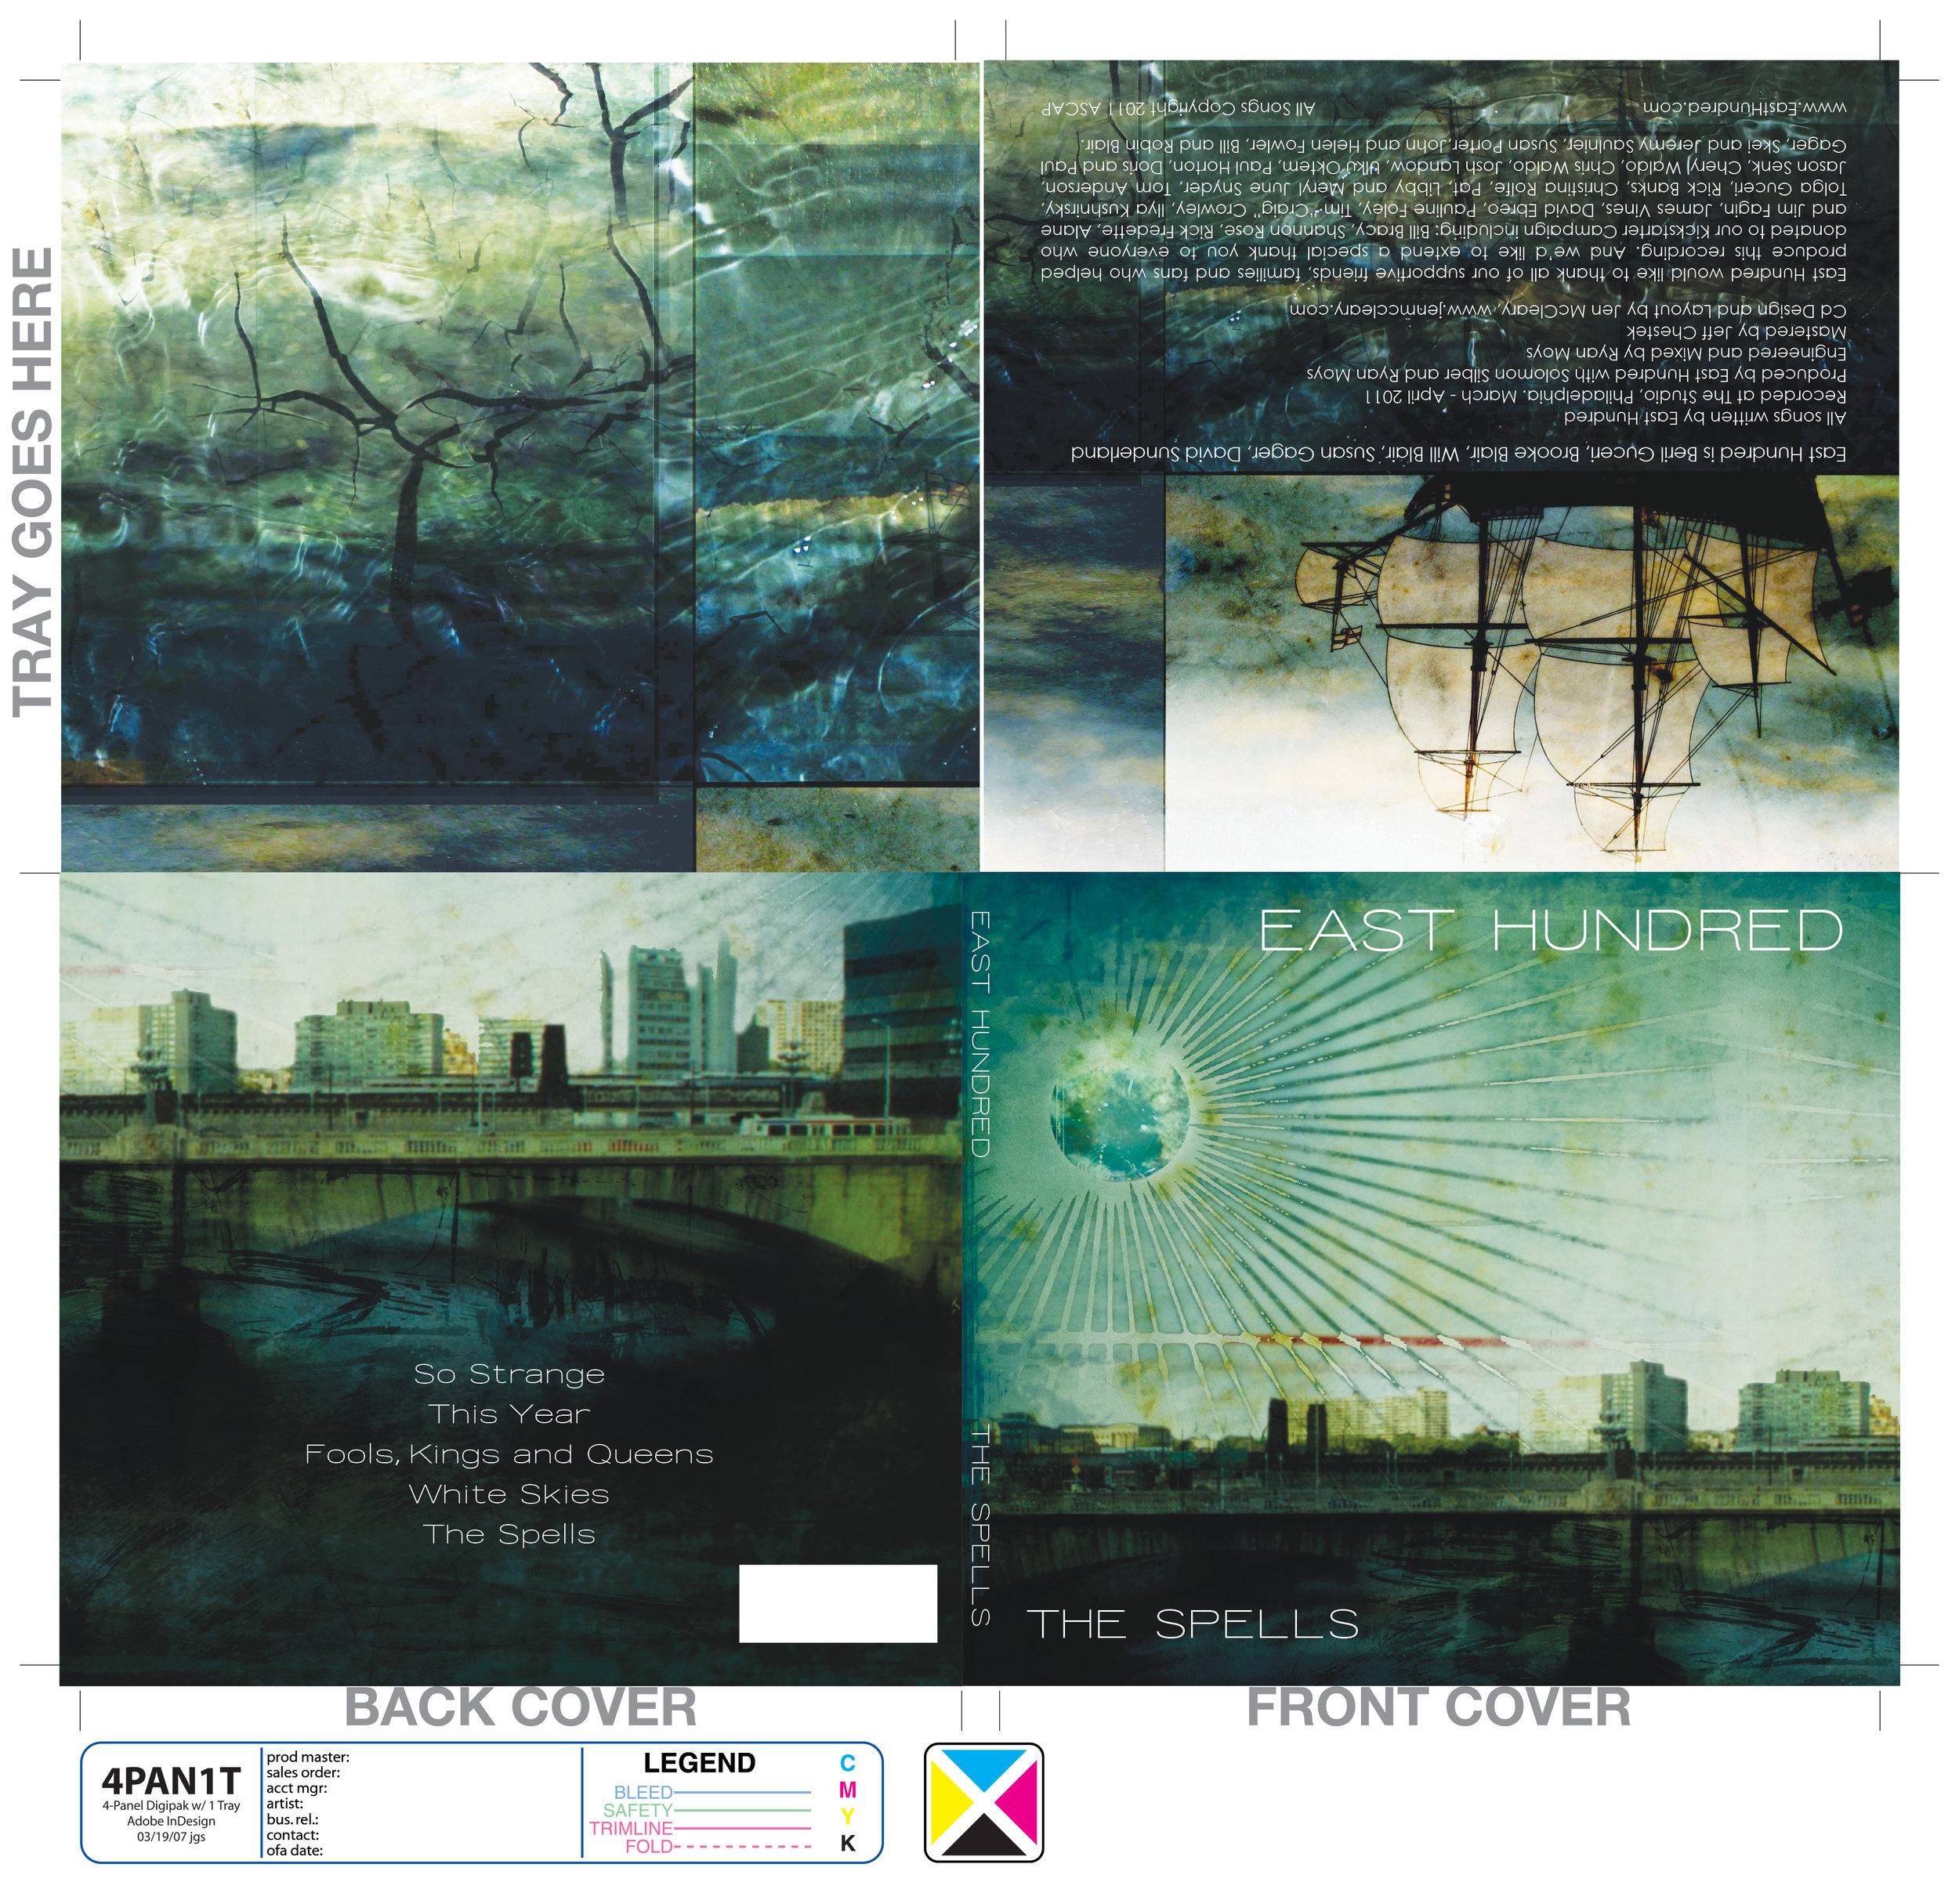 CD Packaging, East Hundred